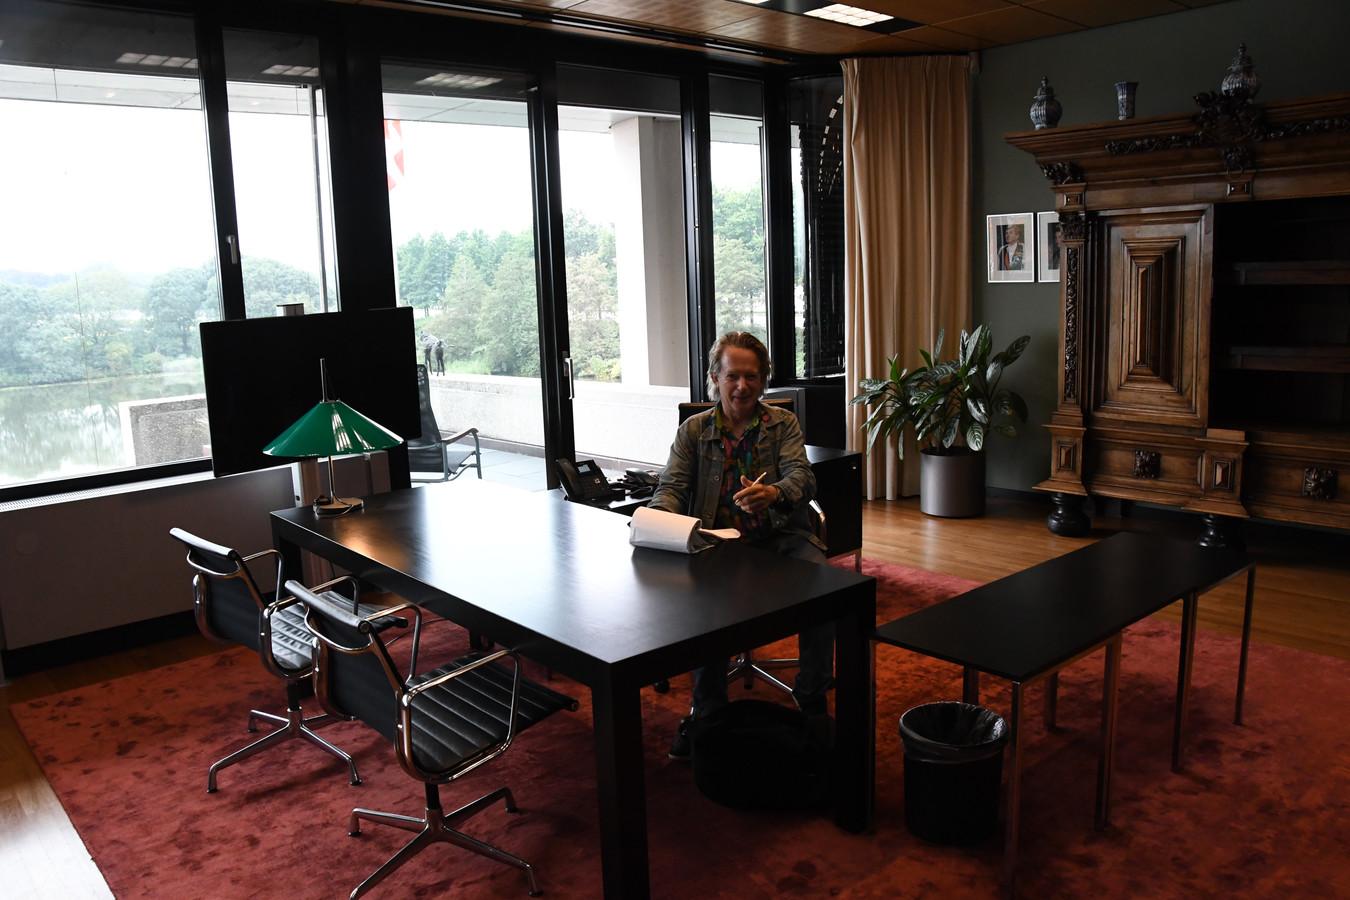 Open Monumentendag is blijkbaar op de zetel van de Commissaris van de Koning ook een ideale gelegenheid om de fantasie te prikkelen...